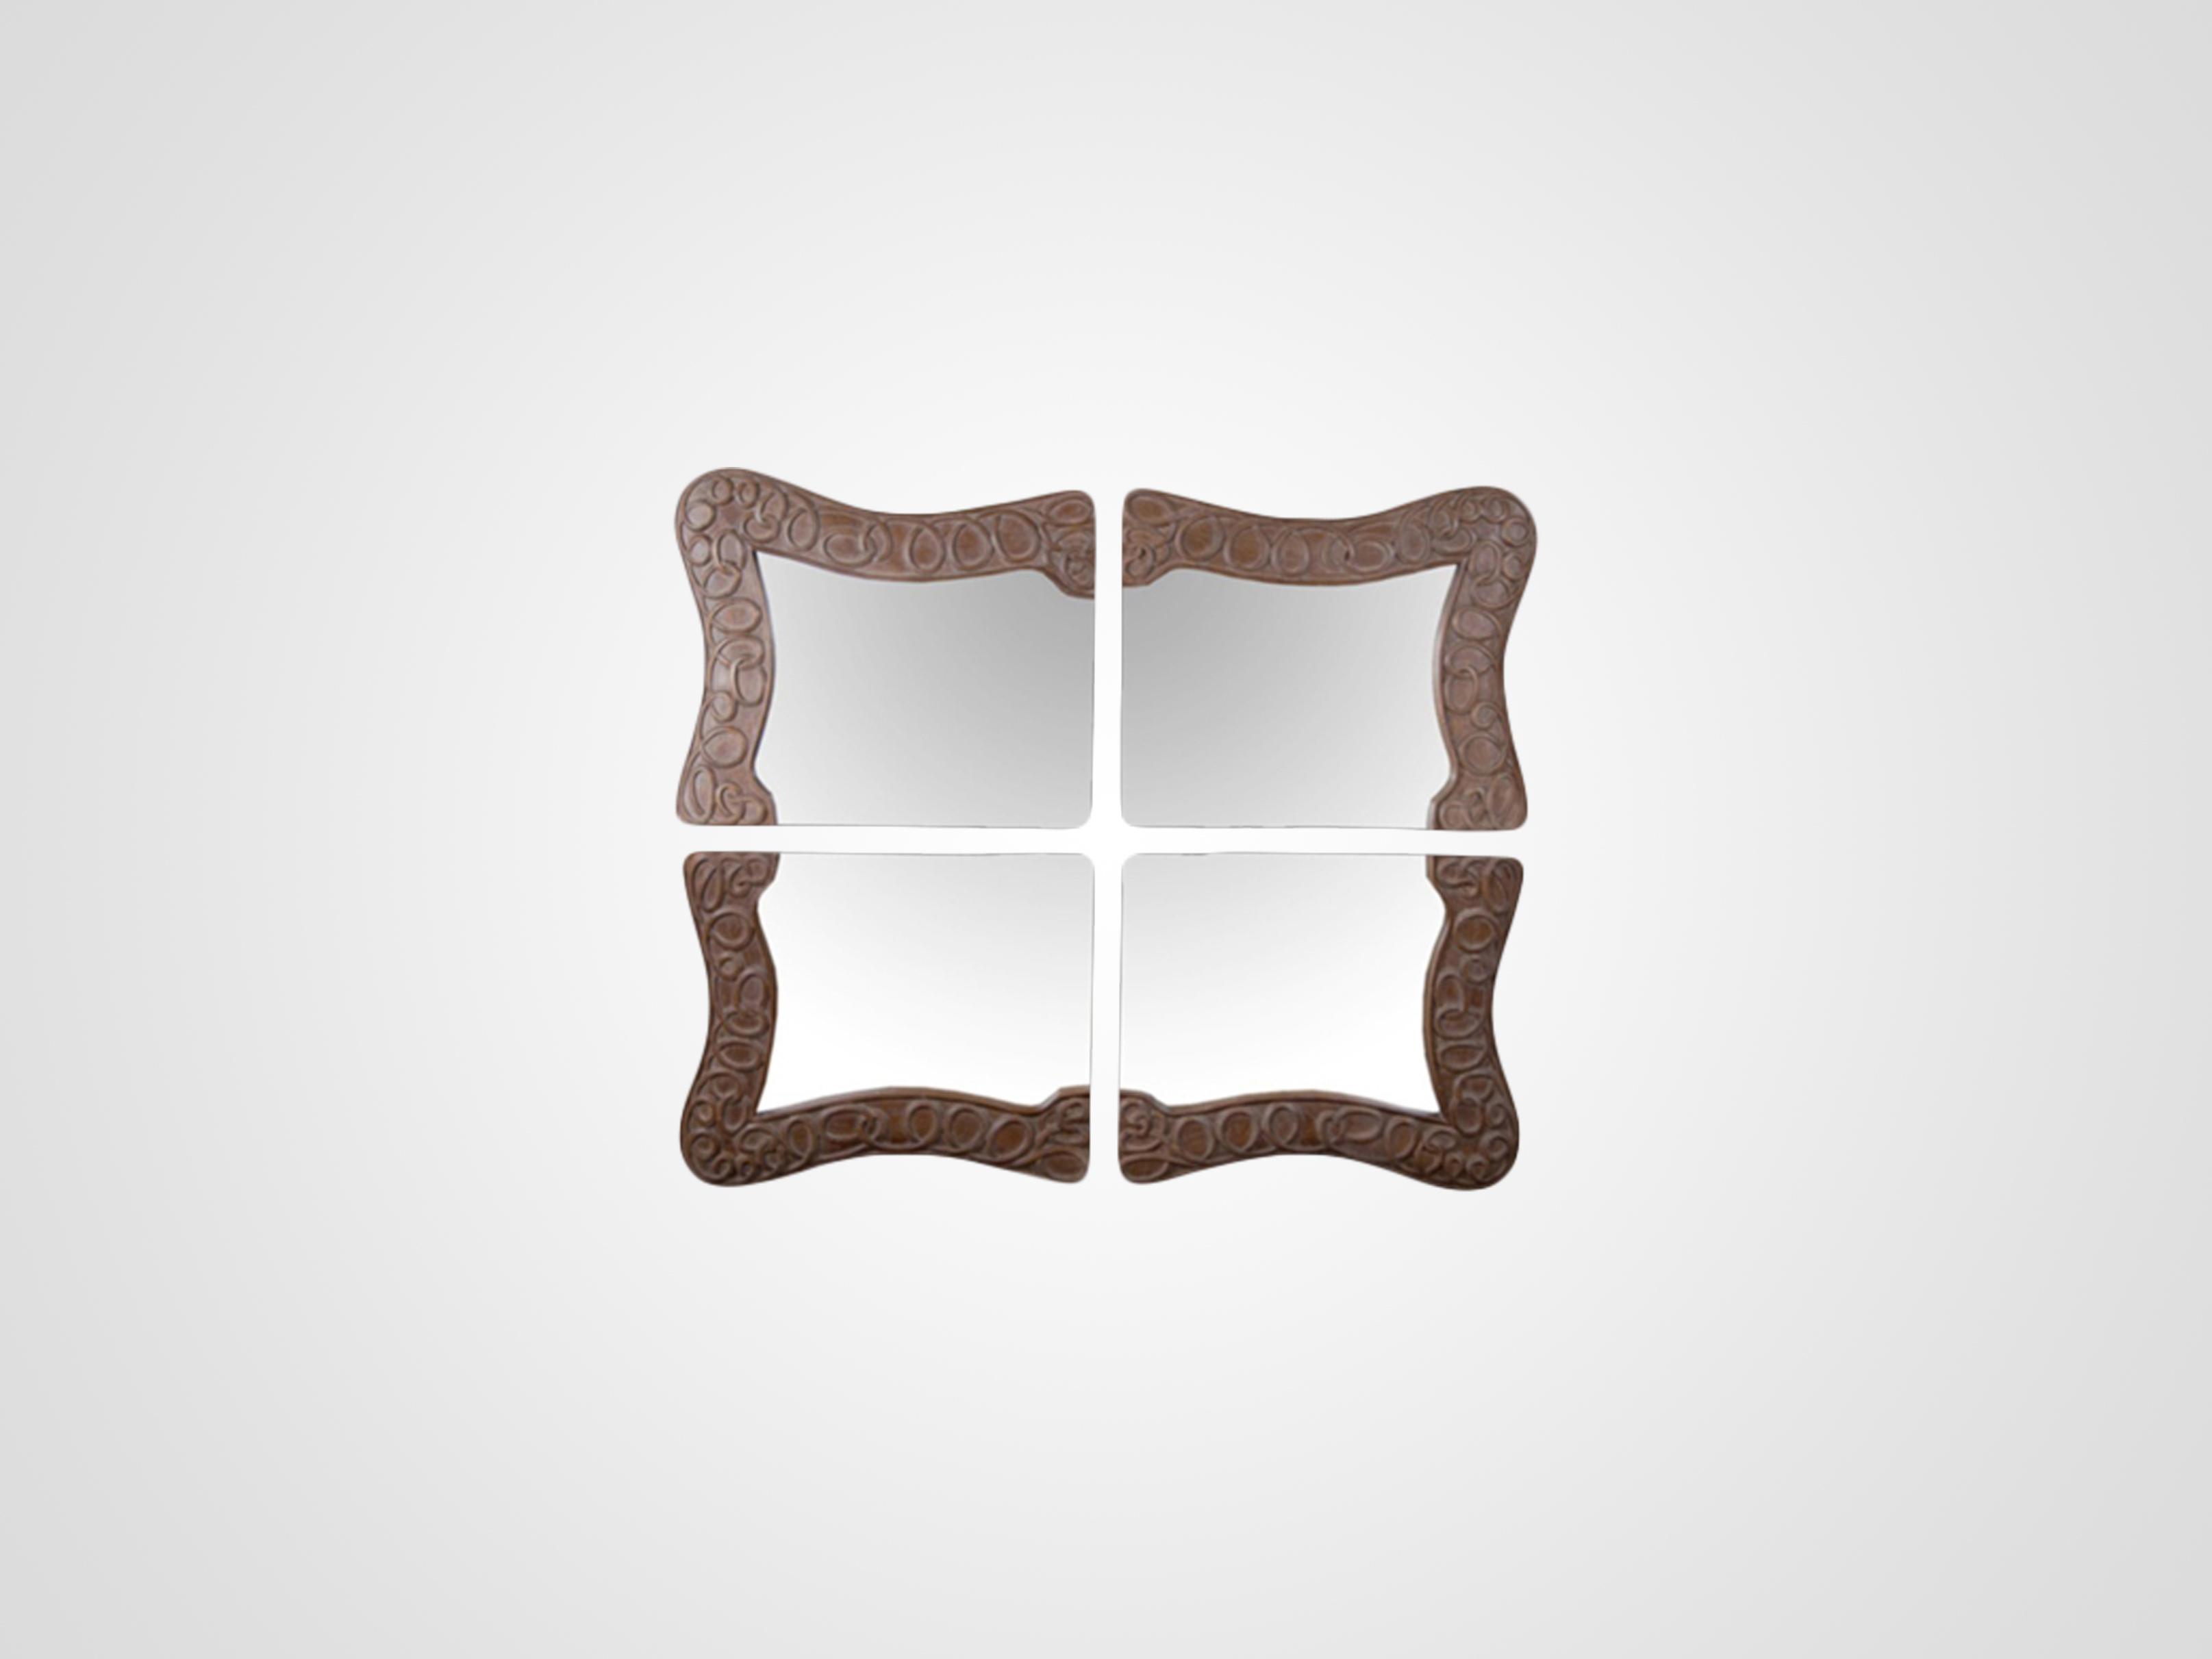 Купить Настенное зеркало из четырех частей резной раме из дерева махагони, inmyroom, Индонезия